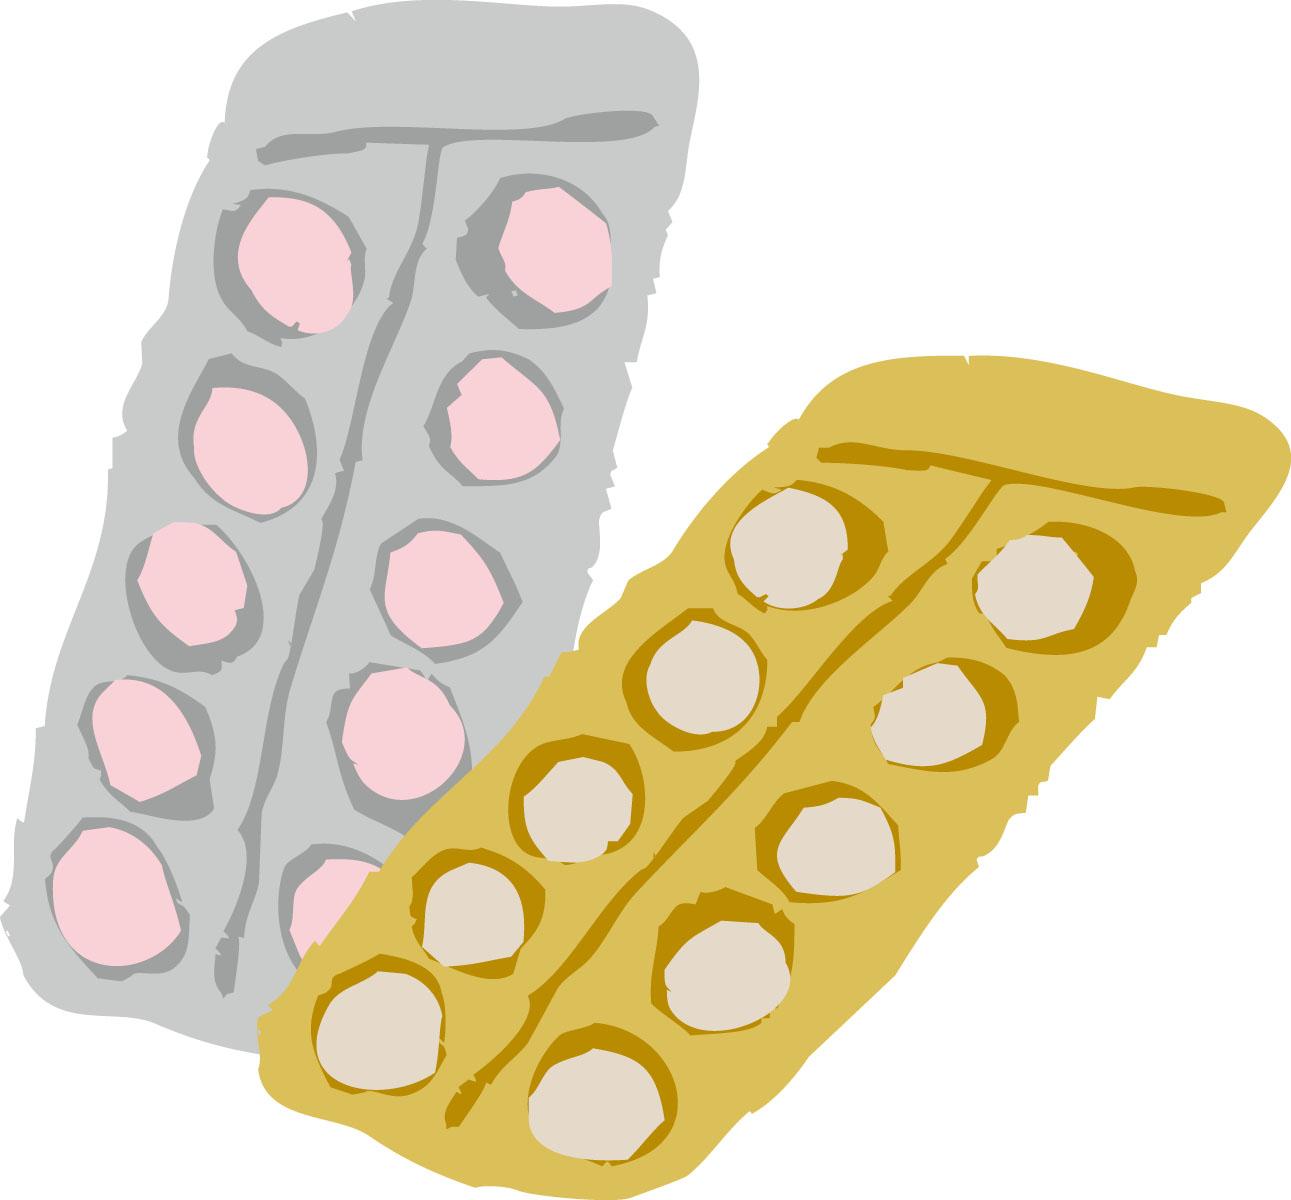 [痛風体験③]新薬を試したせいで痛風の治りが遅れた